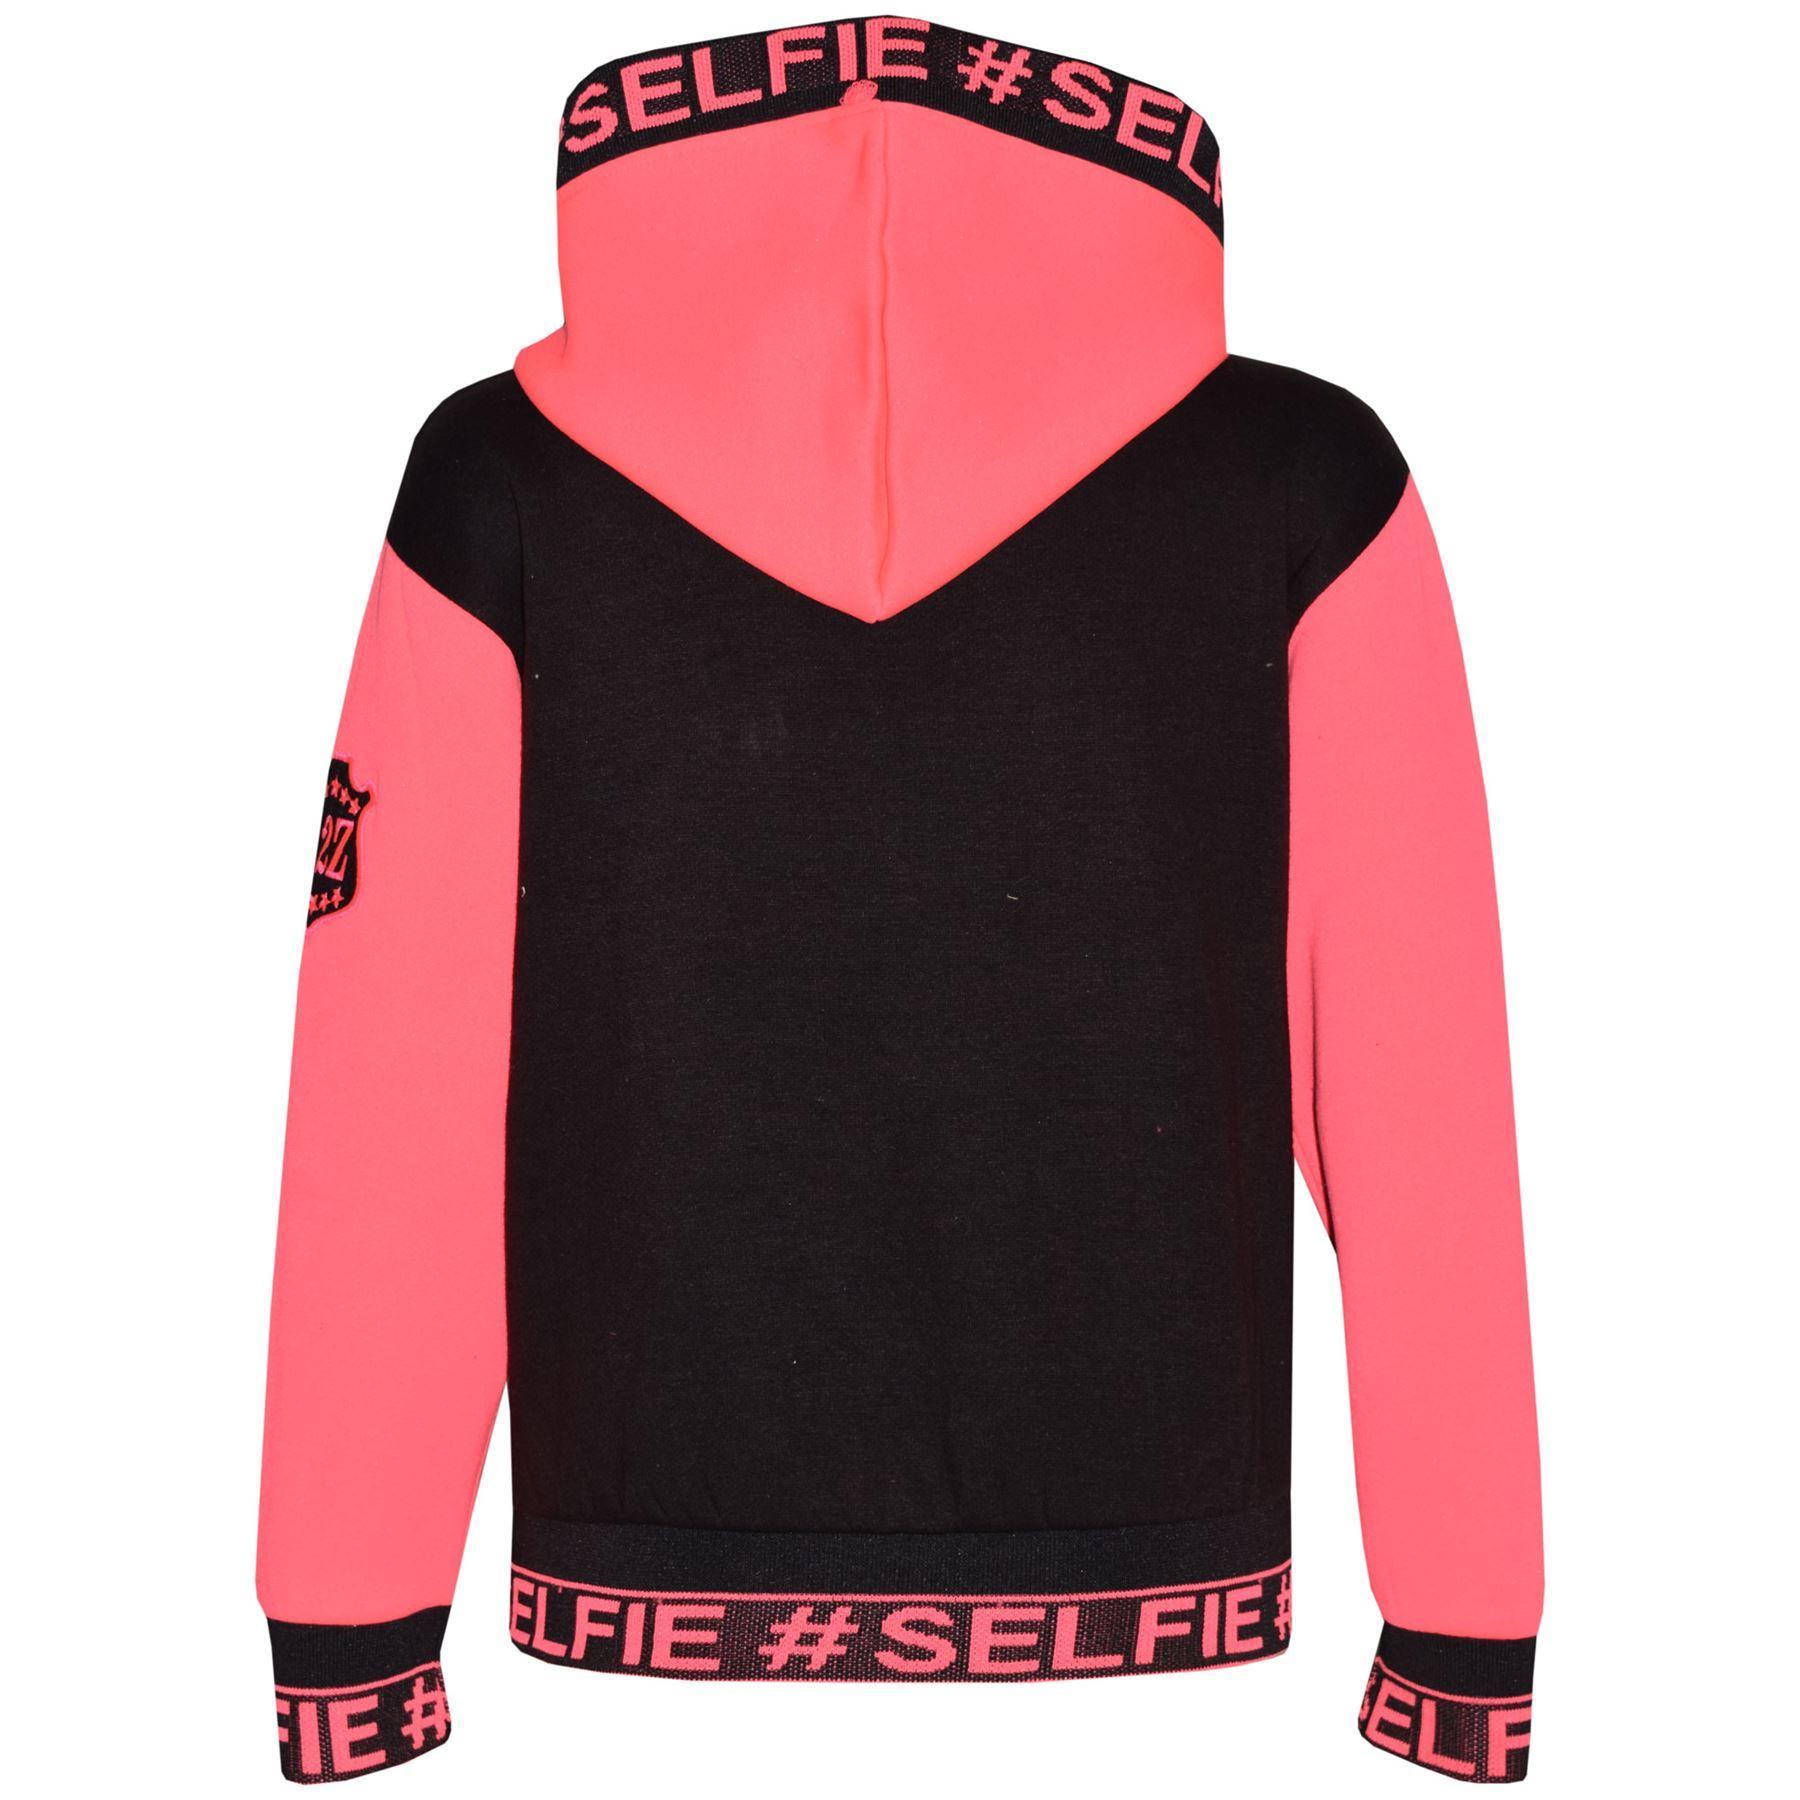 Enfants Filles Veste #Selfie brodé ROSE fluo Zippé Haut à Capuche Sweat à capuche 5-13 An